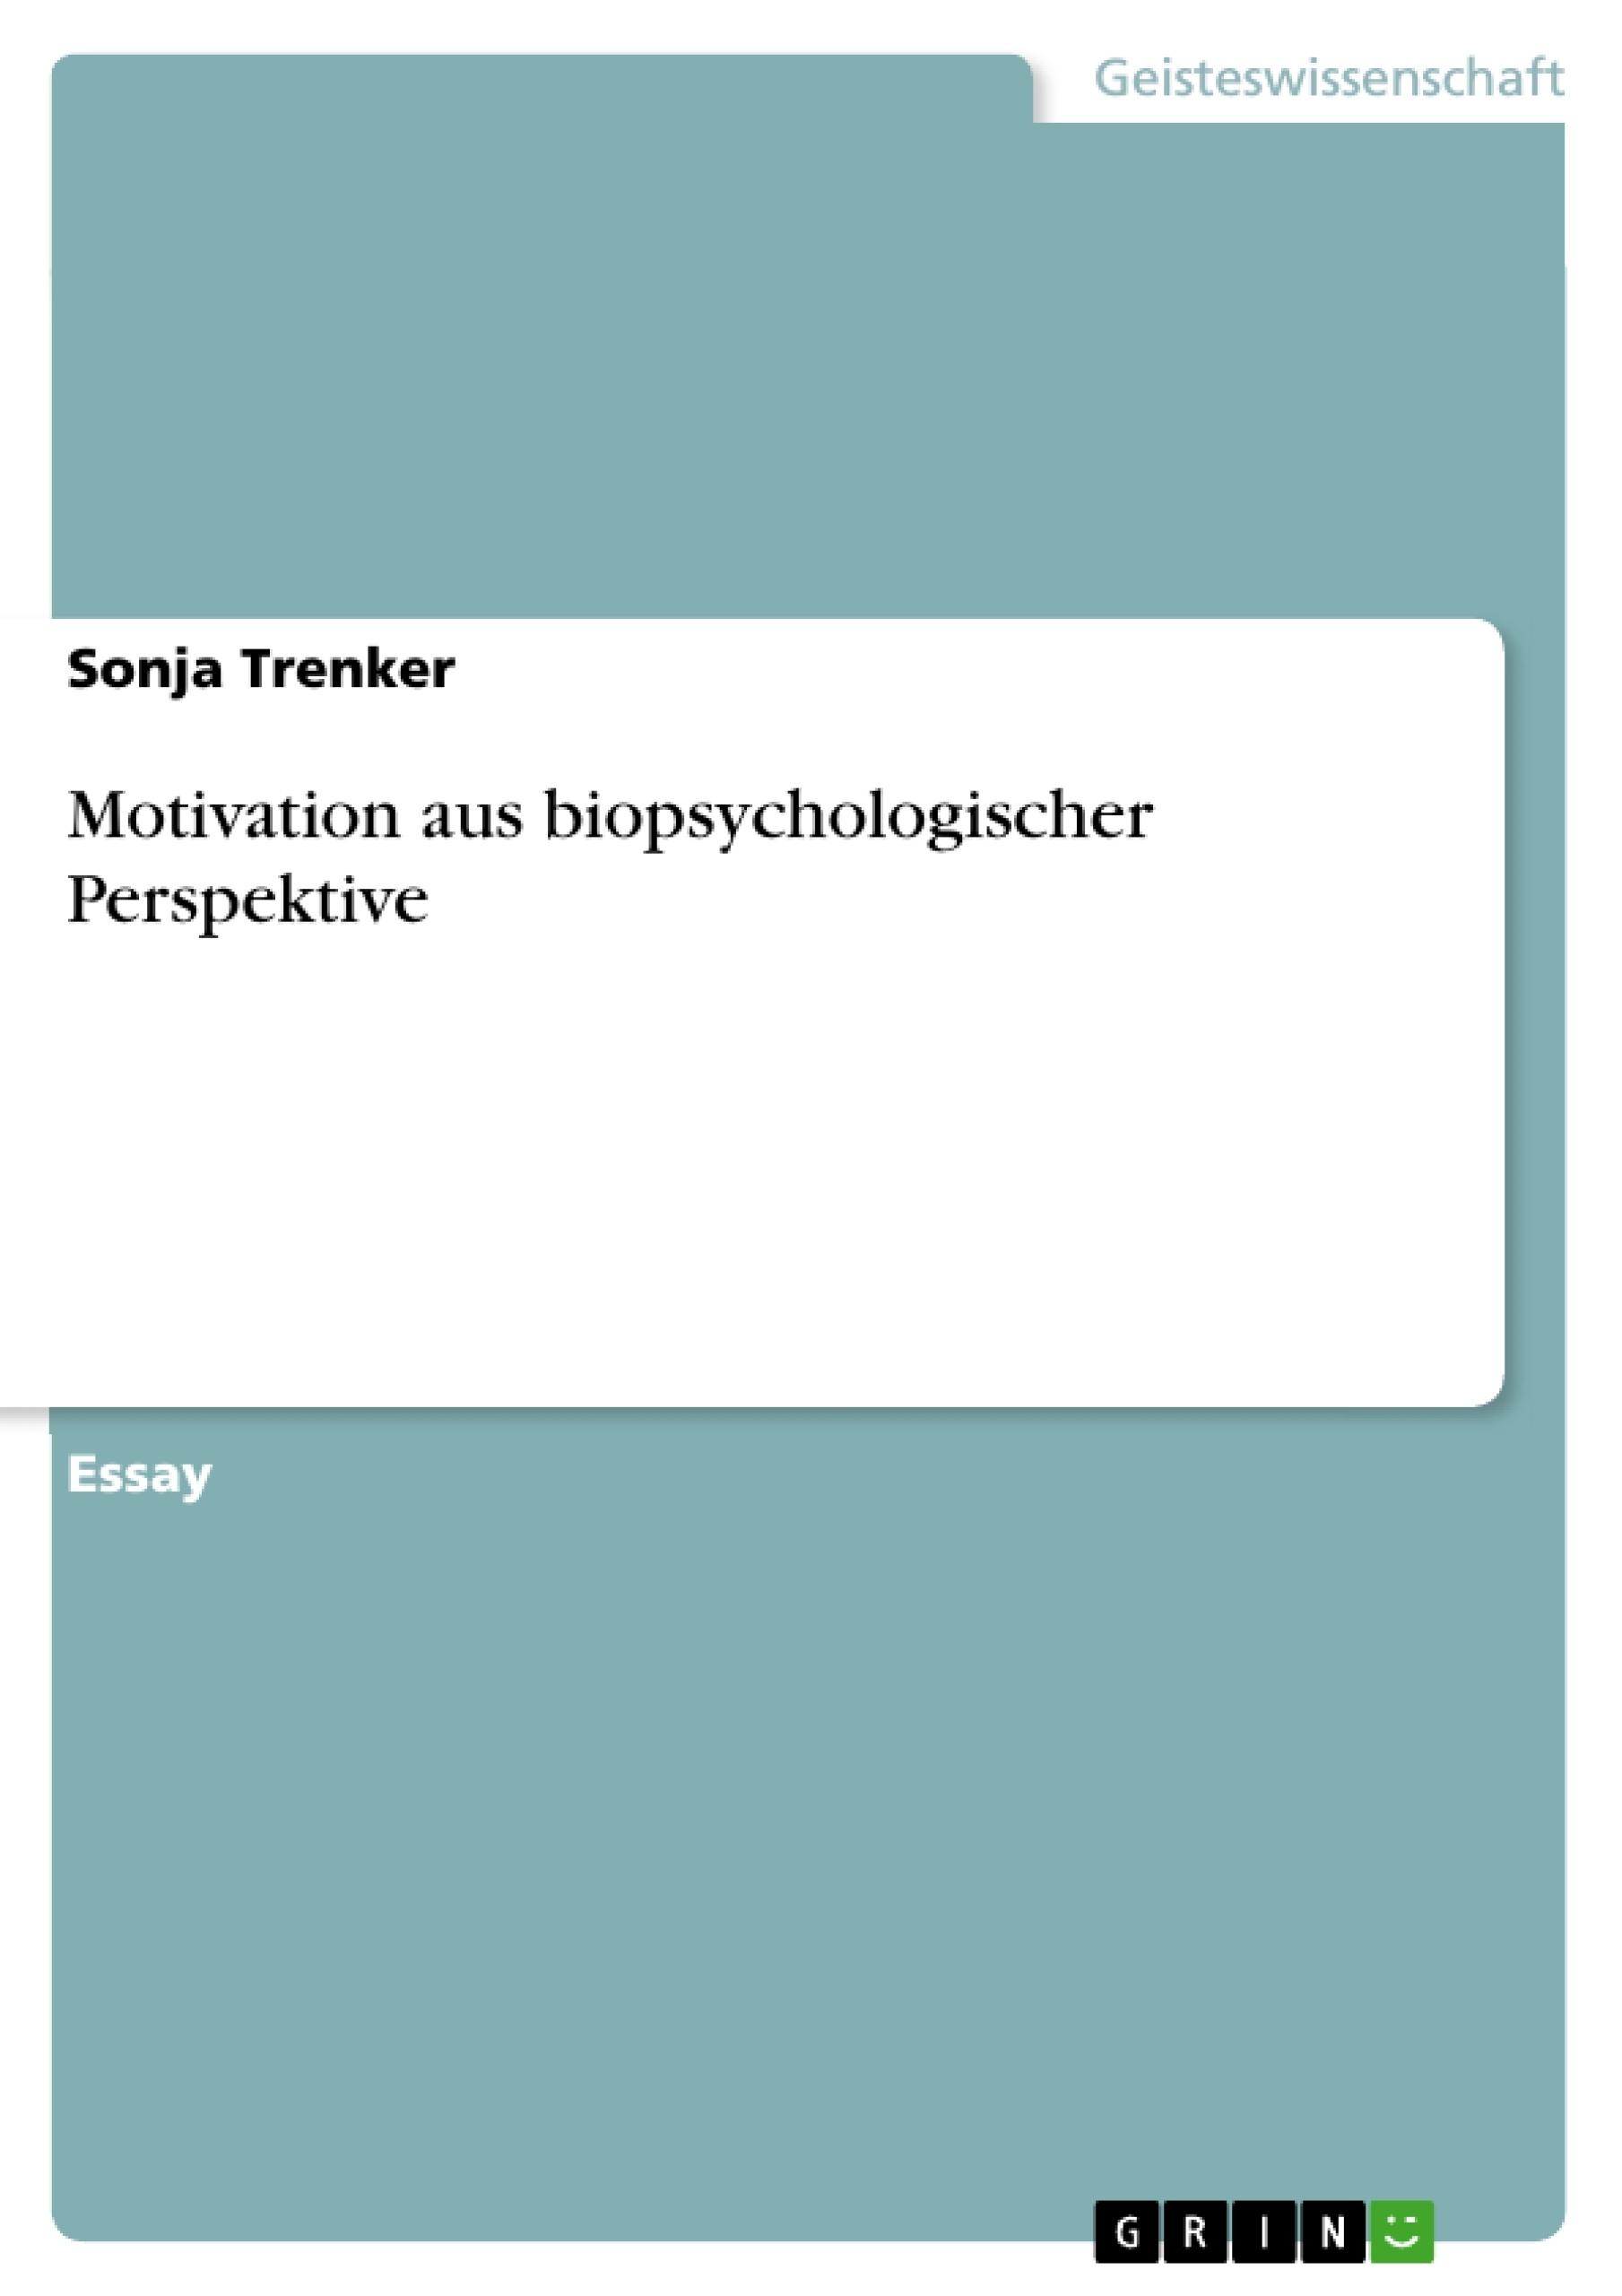 Titel: Motivation aus biopsychologischer Perspektive